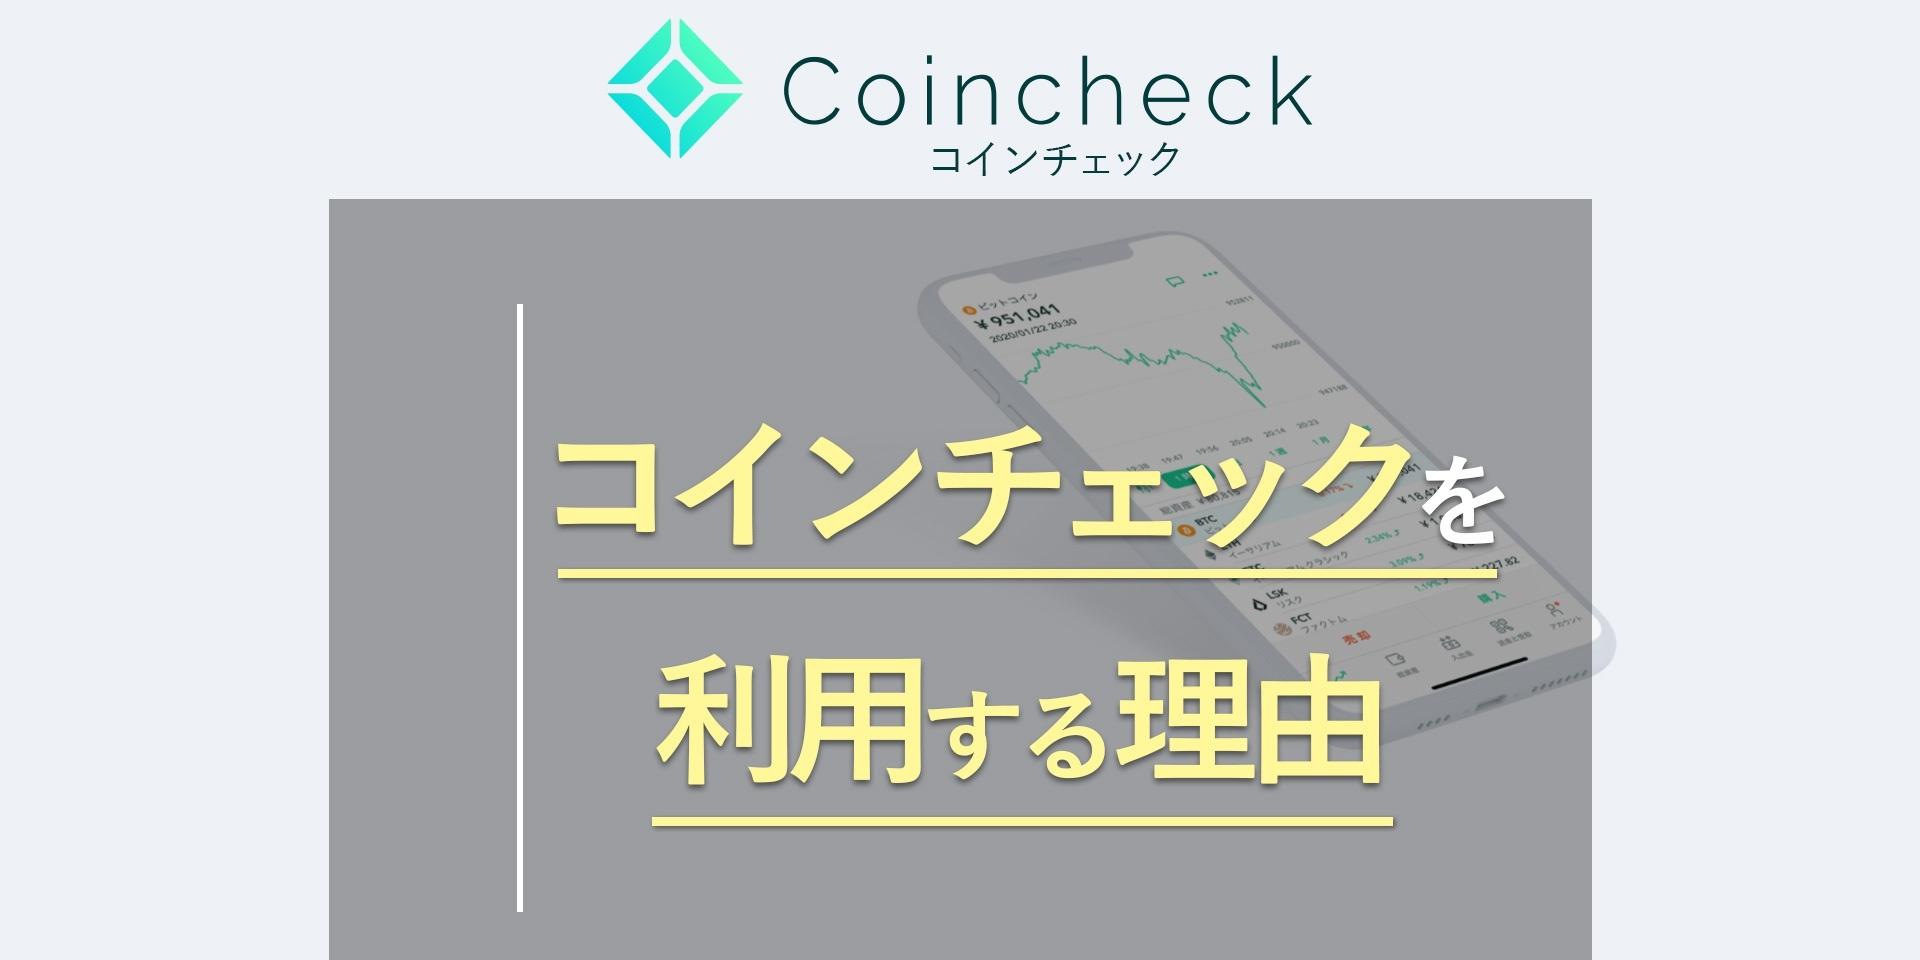 コインチェック(Coincheck)事件後の現在、コインチェックを利用するべき理由